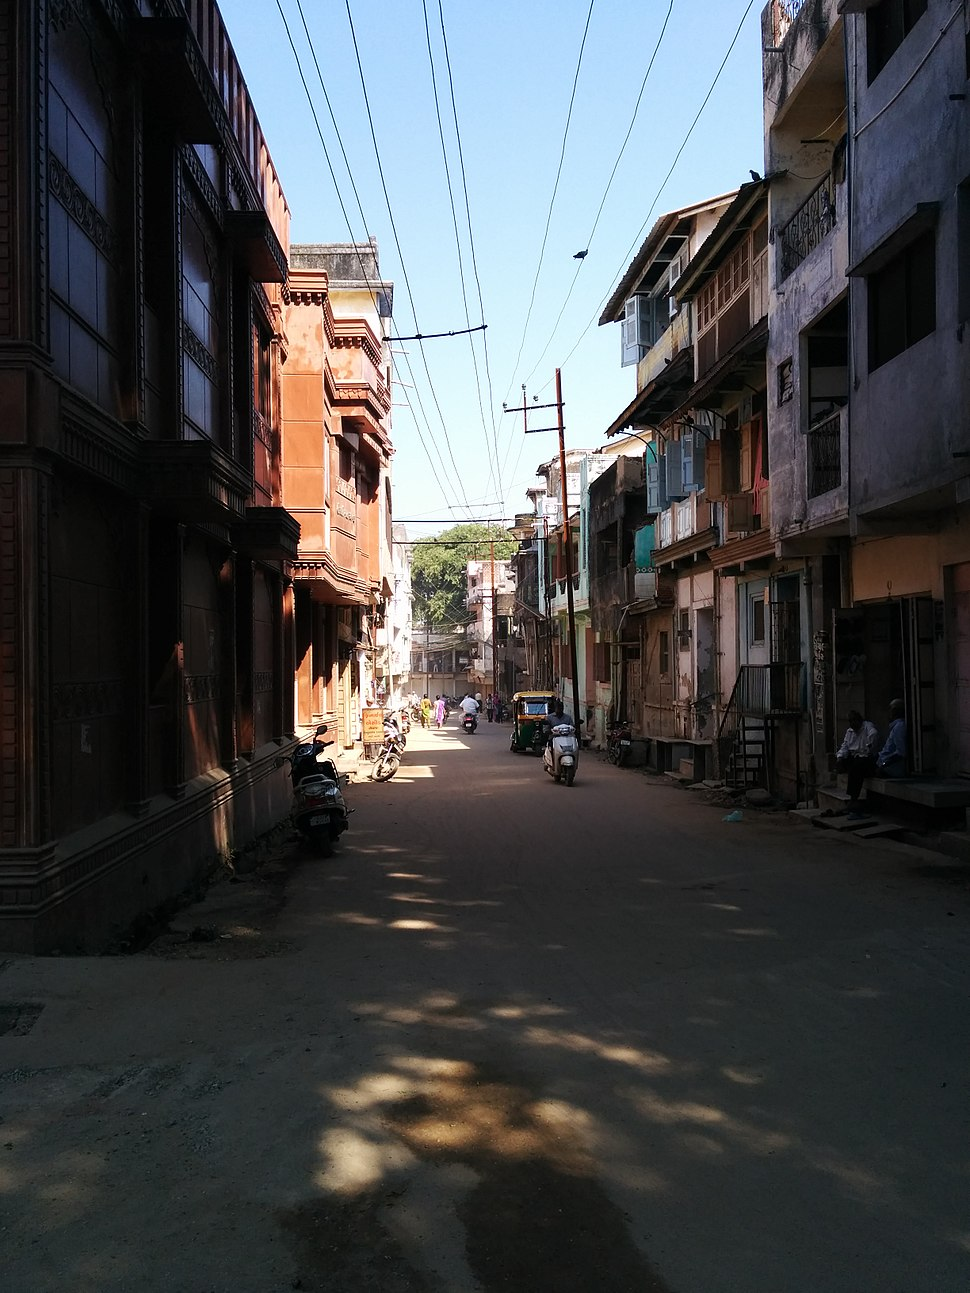 Patthar Sadak, Palanpur